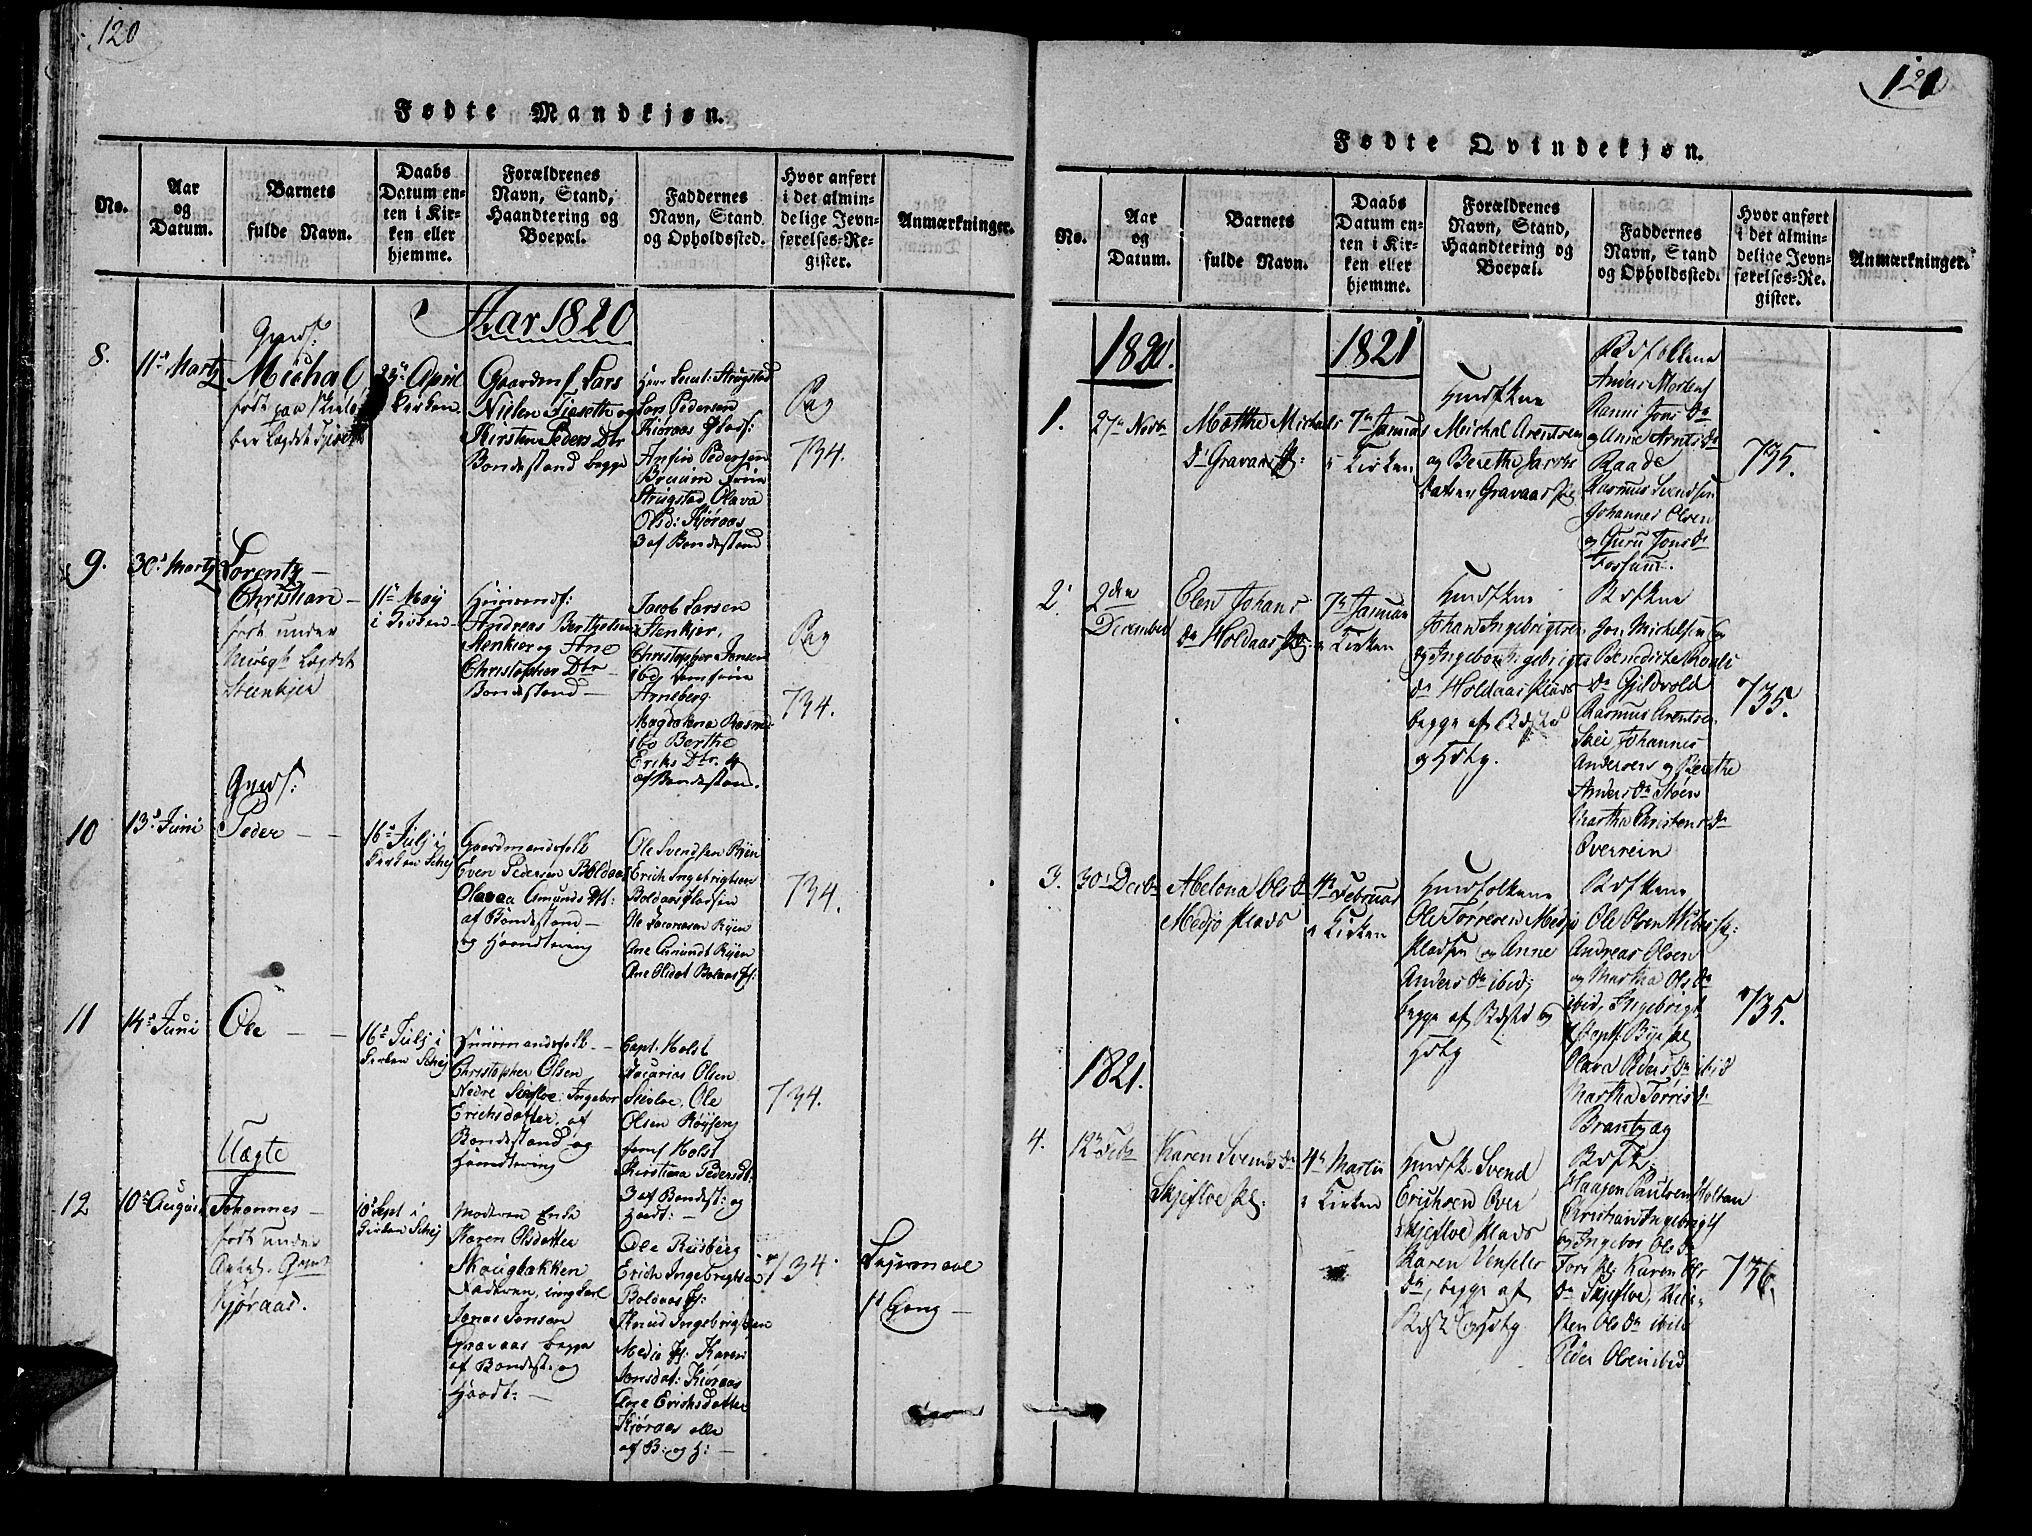 SAT, Ministerialprotokoller, klokkerbøker og fødselsregistre - Nord-Trøndelag, 735/L0333: Ministerialbok nr. 735A04 /2, 1816-1825, s. 120-121